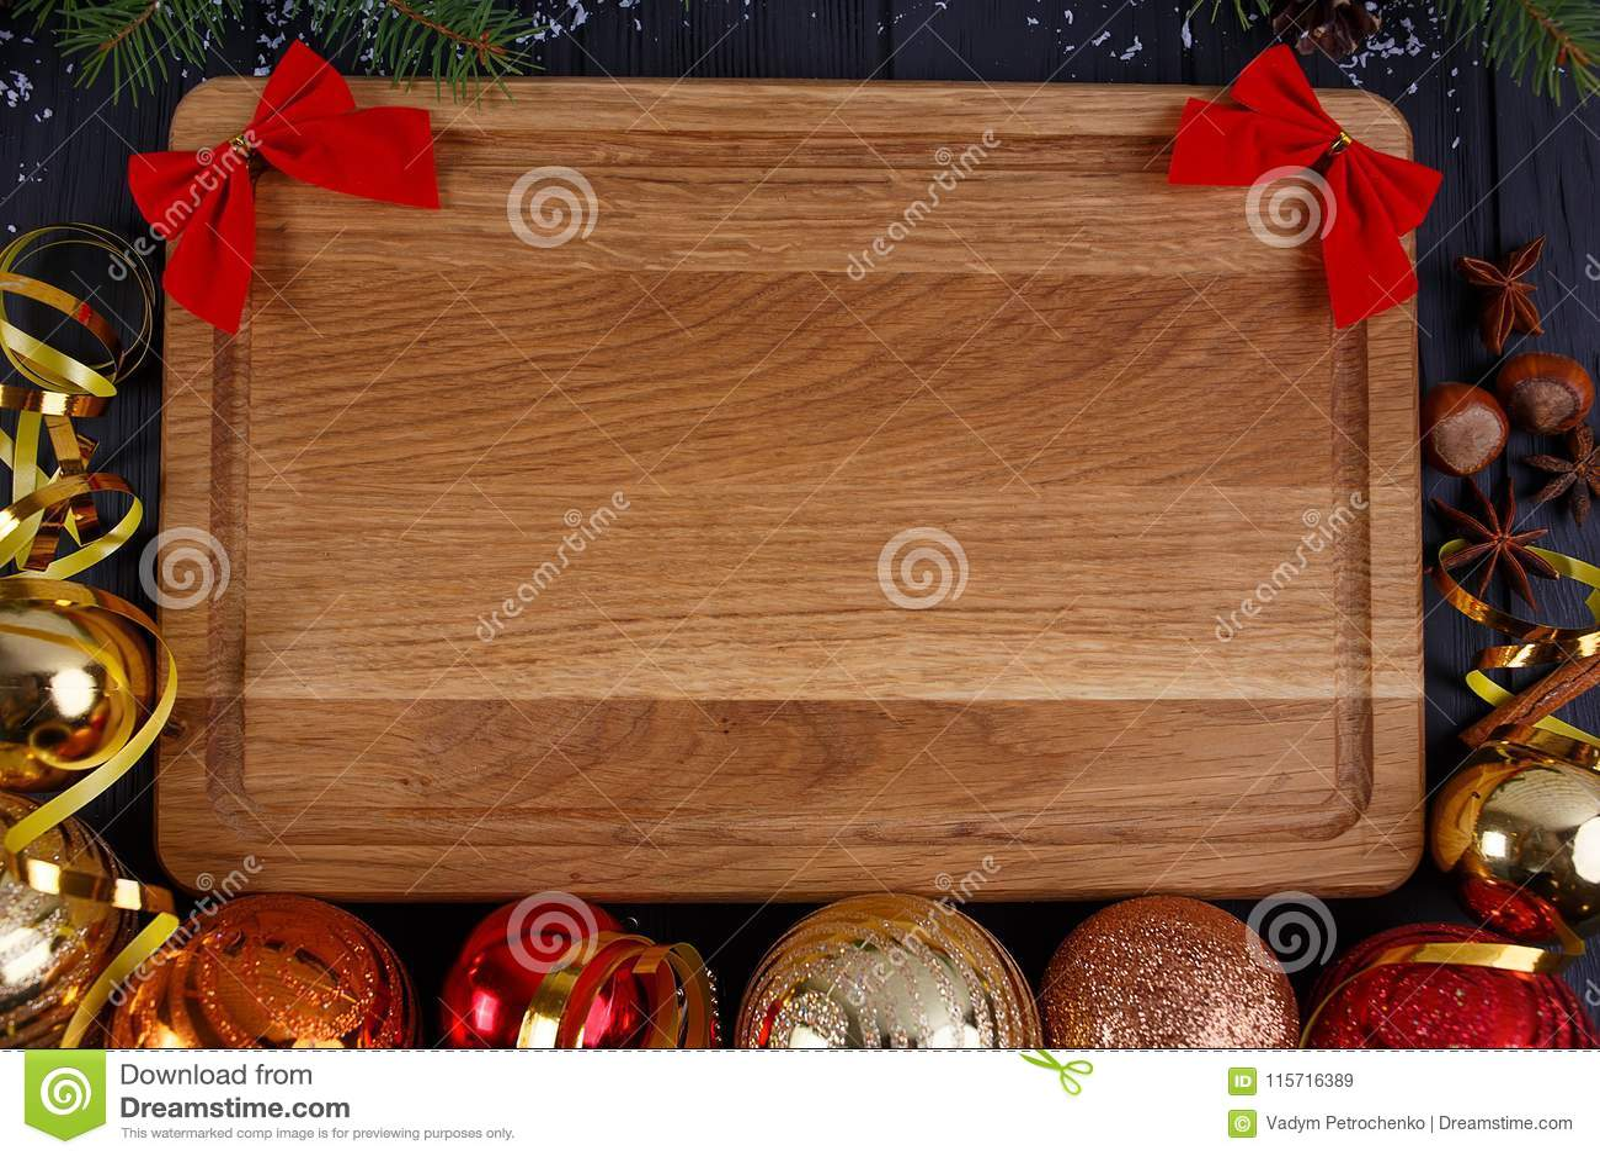 圣诞节厨房,欢乐晚餐,假日食物背景 冷杉